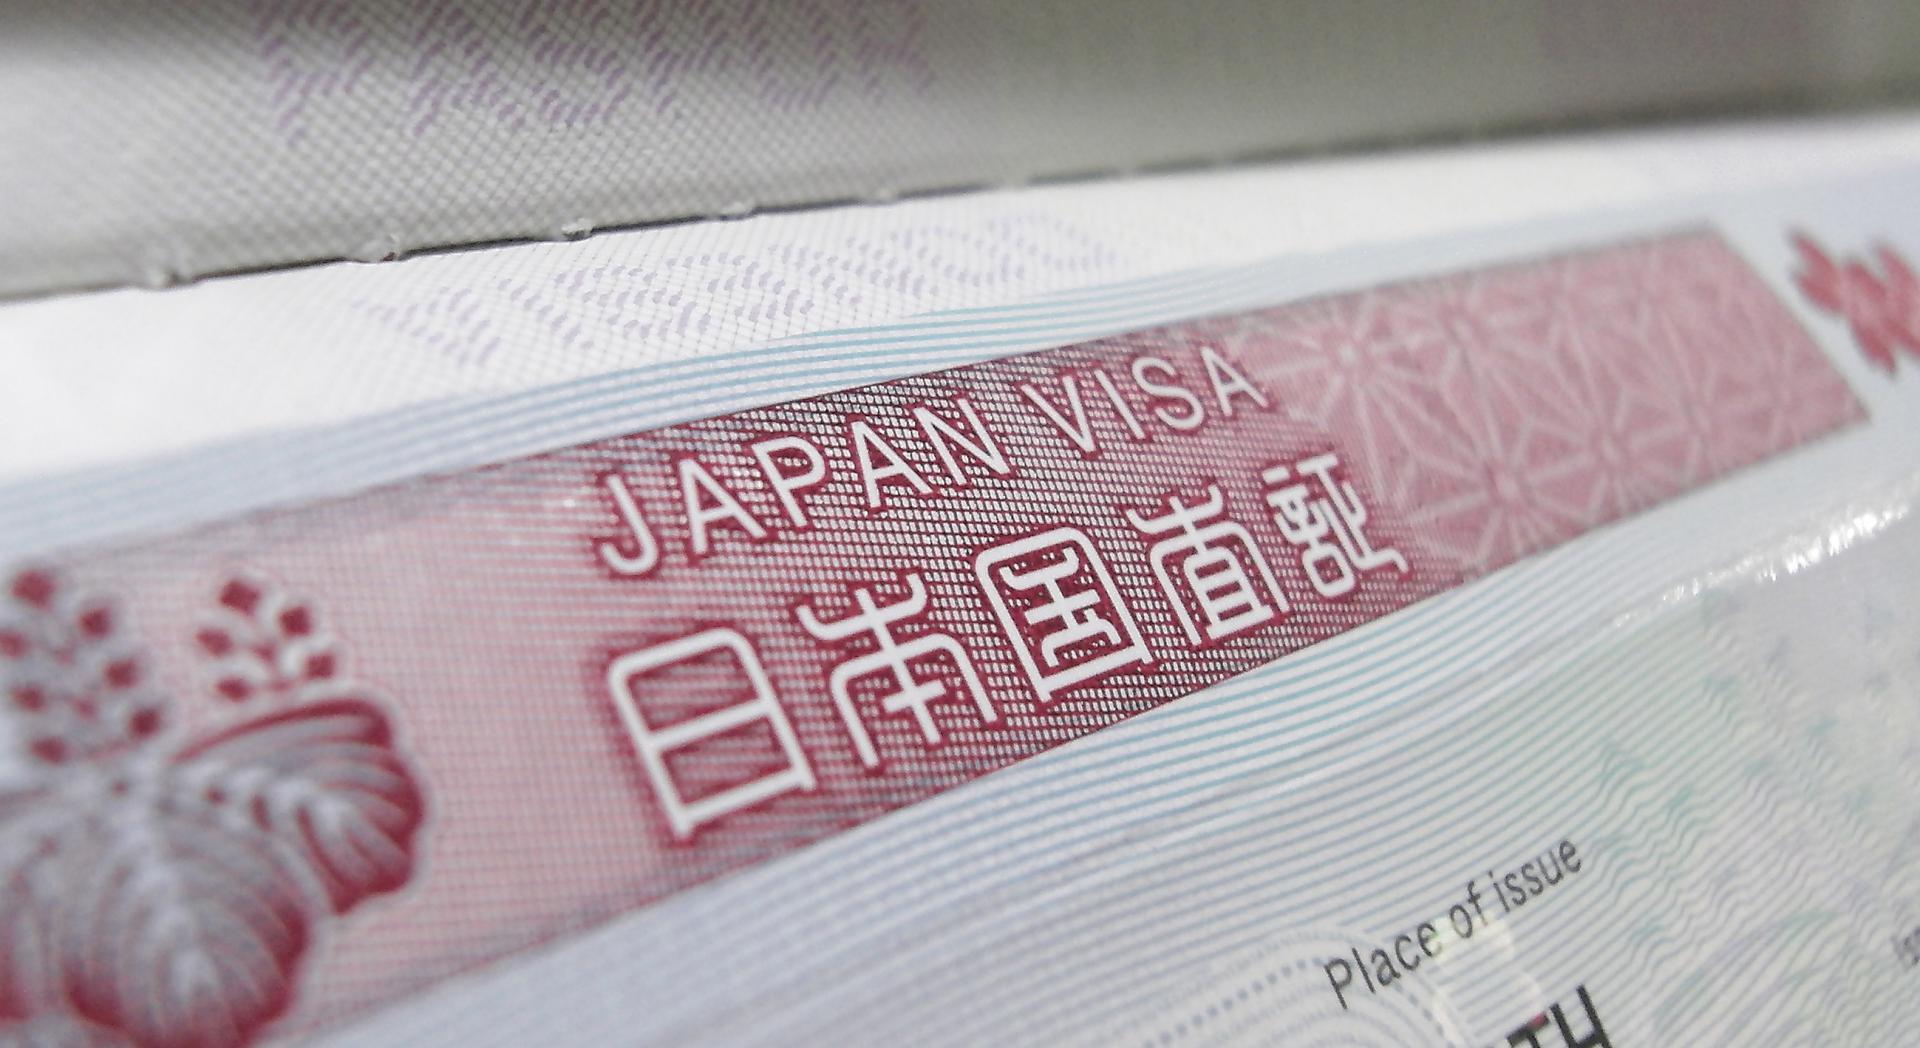 Виза в Японию — оформление визы в Японию самостоятельно: документы и стоимость